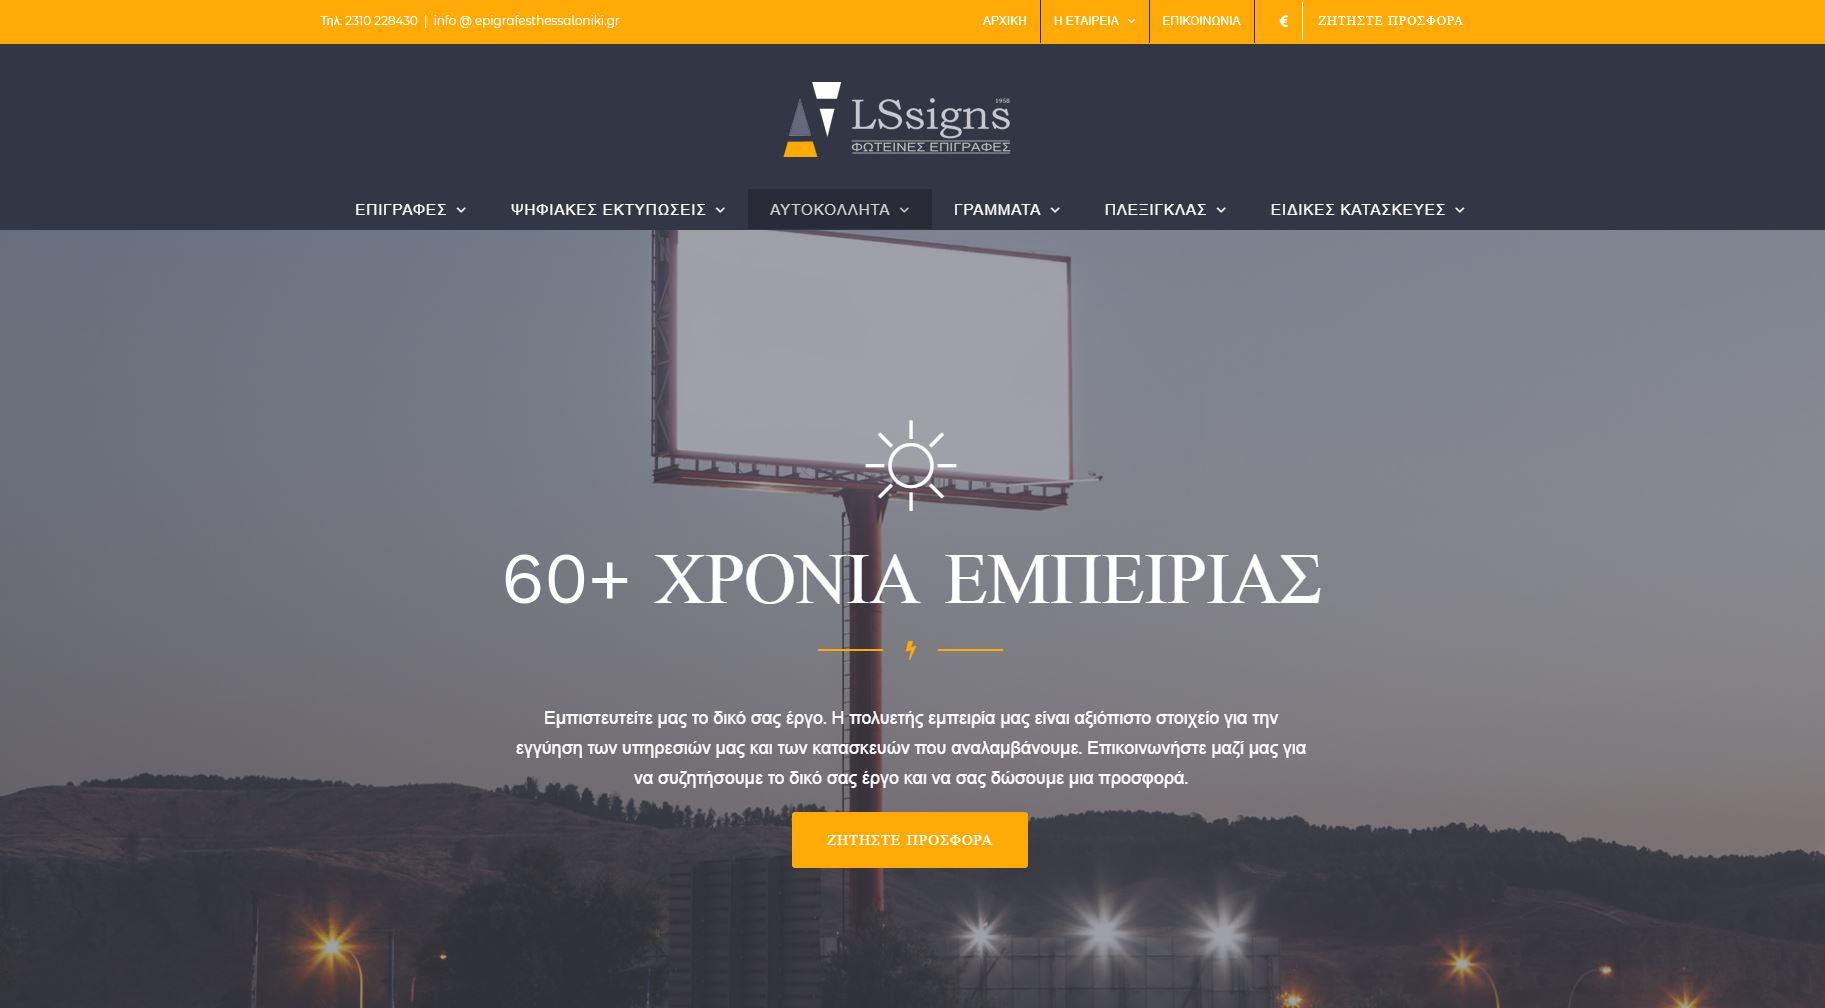 Κατασκευή ιστοσελίδας wordpress για την εταιρεία LSsigns